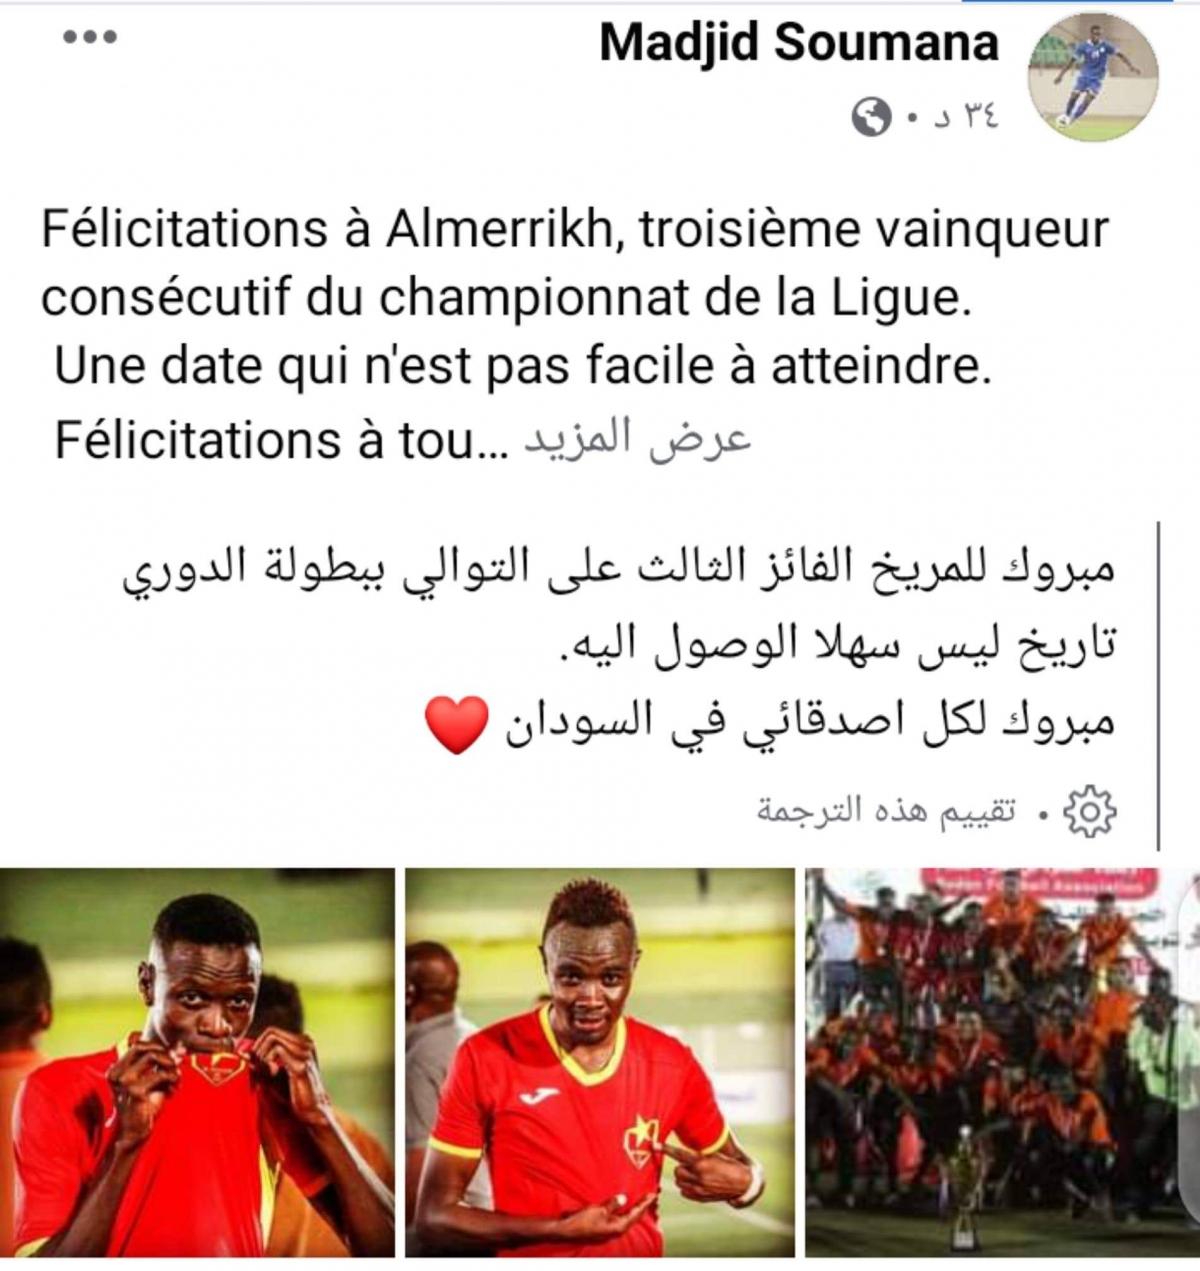 مجيد سومانا يهنئ لاعبي المريخ بالممتاز